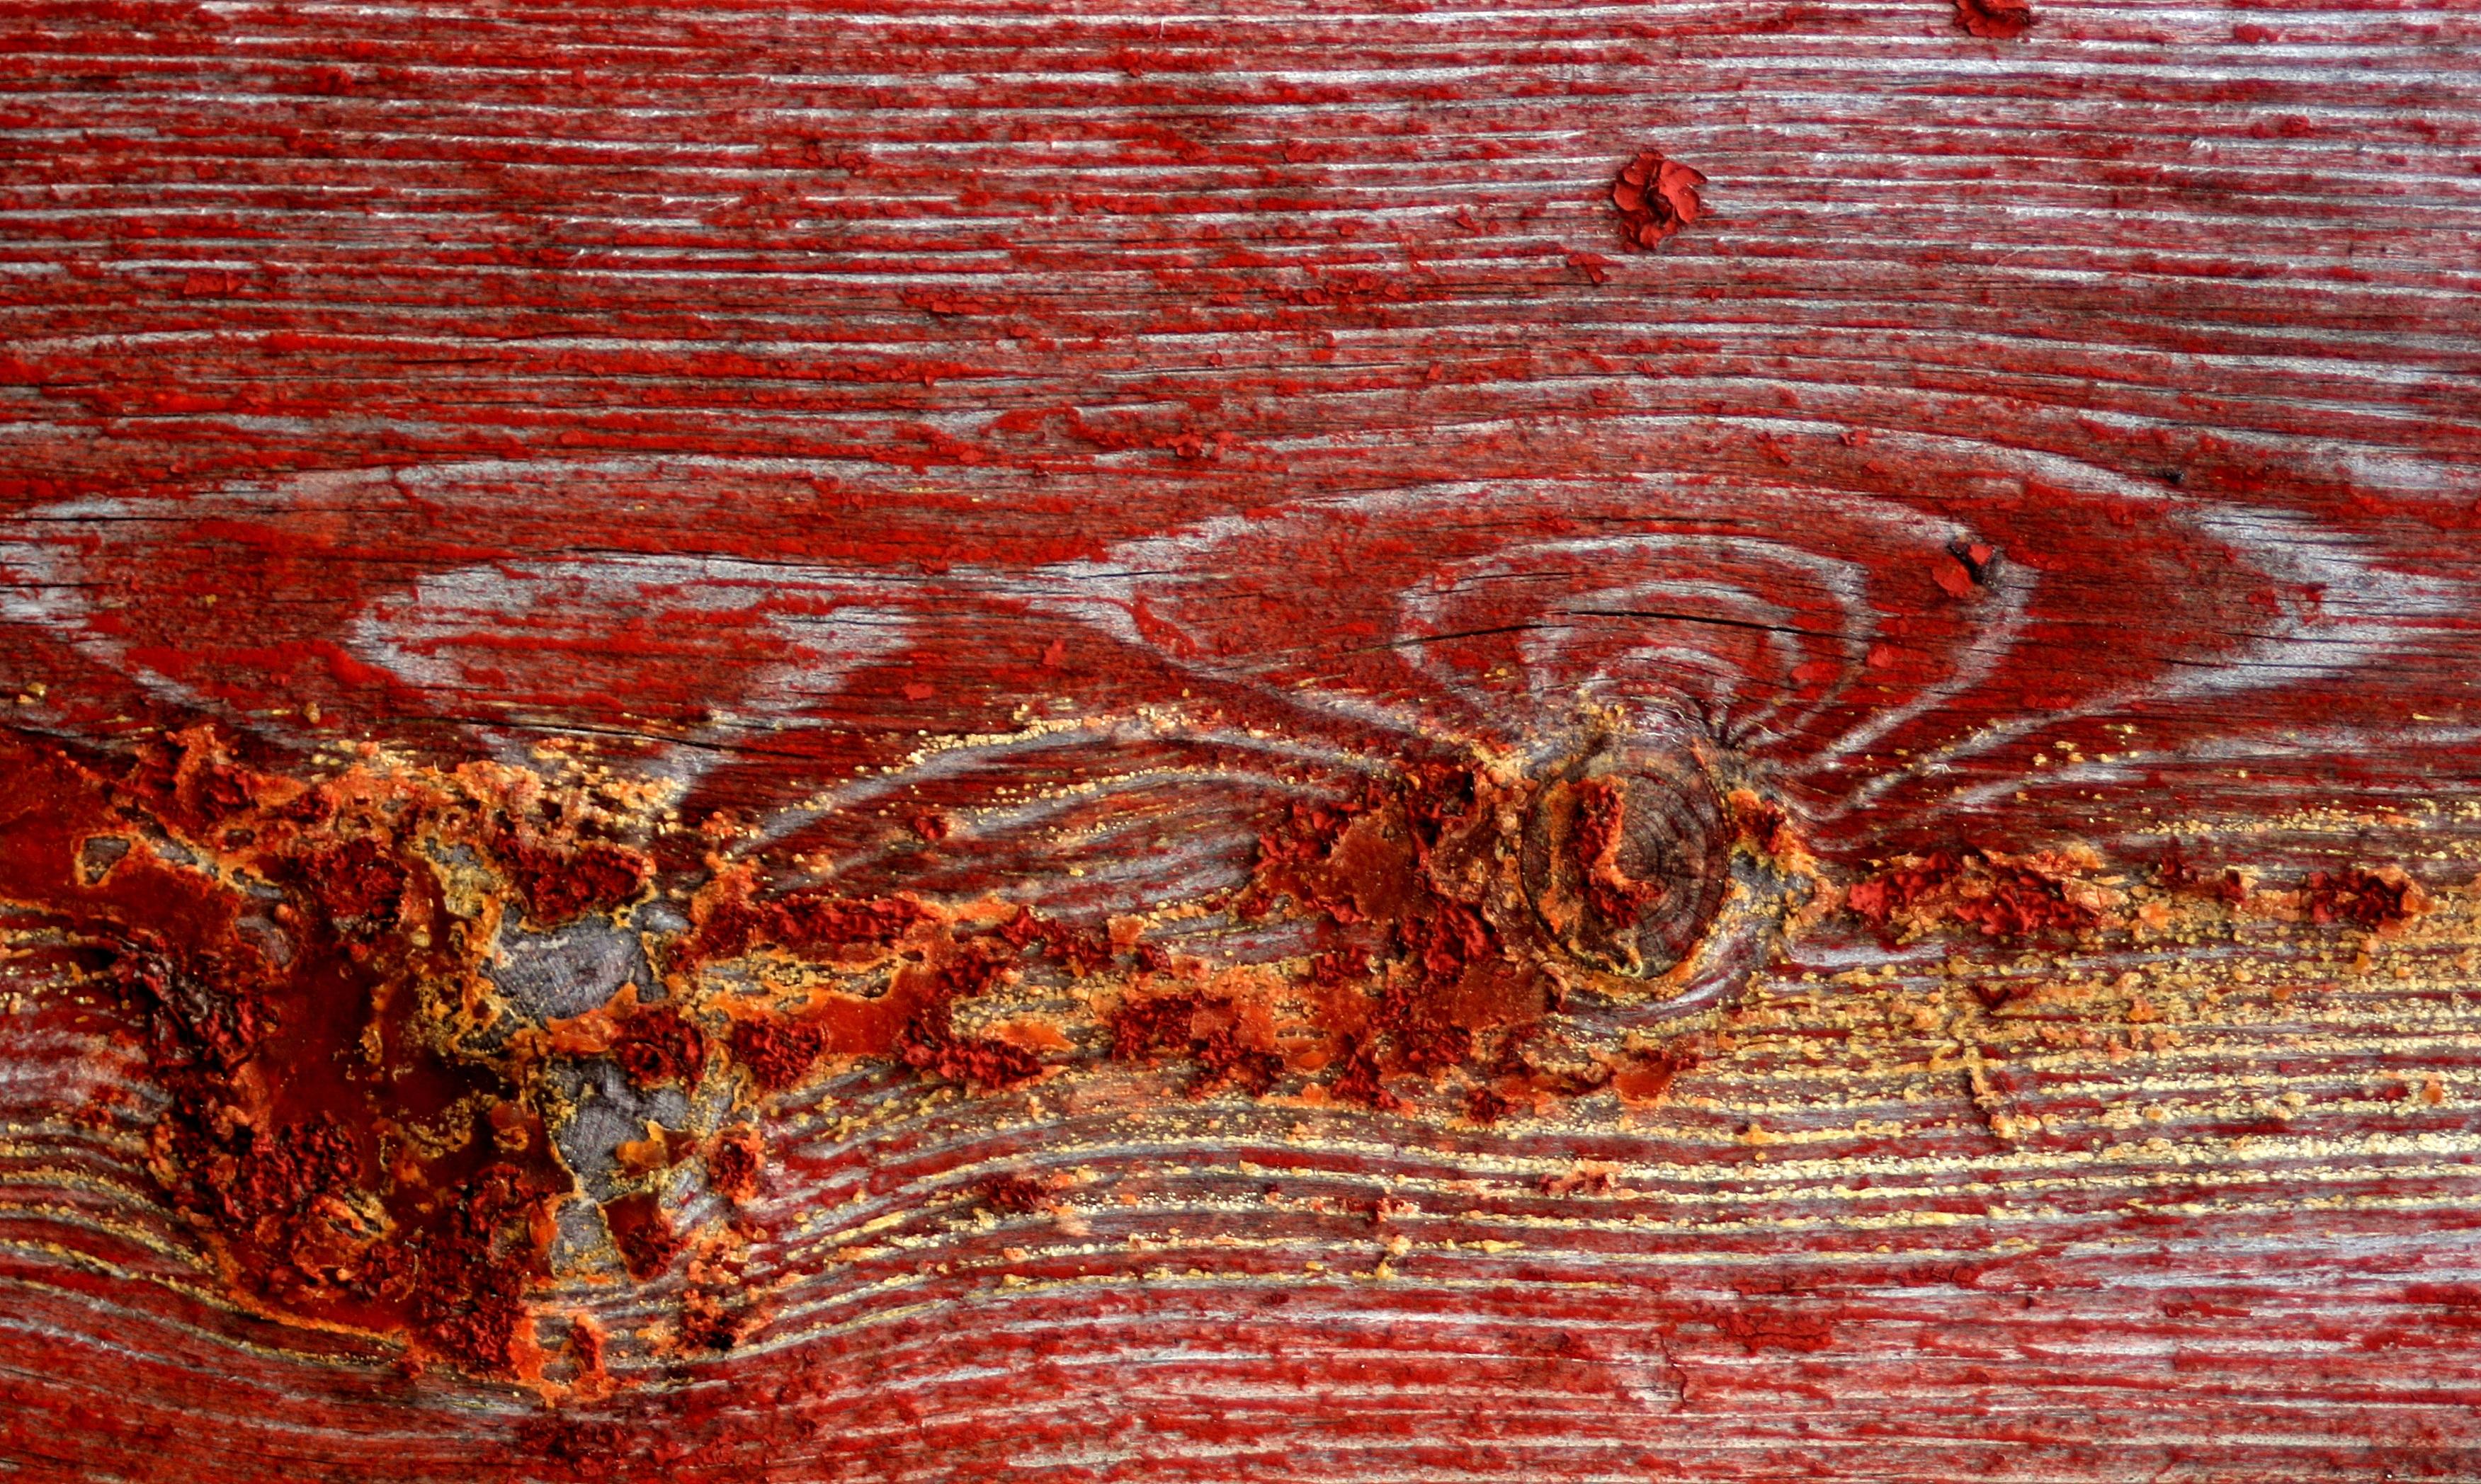 무료 이미지 : 자연, 목재, 포도 수확, 조직, 널빤지, 늙은, 무늬 ...